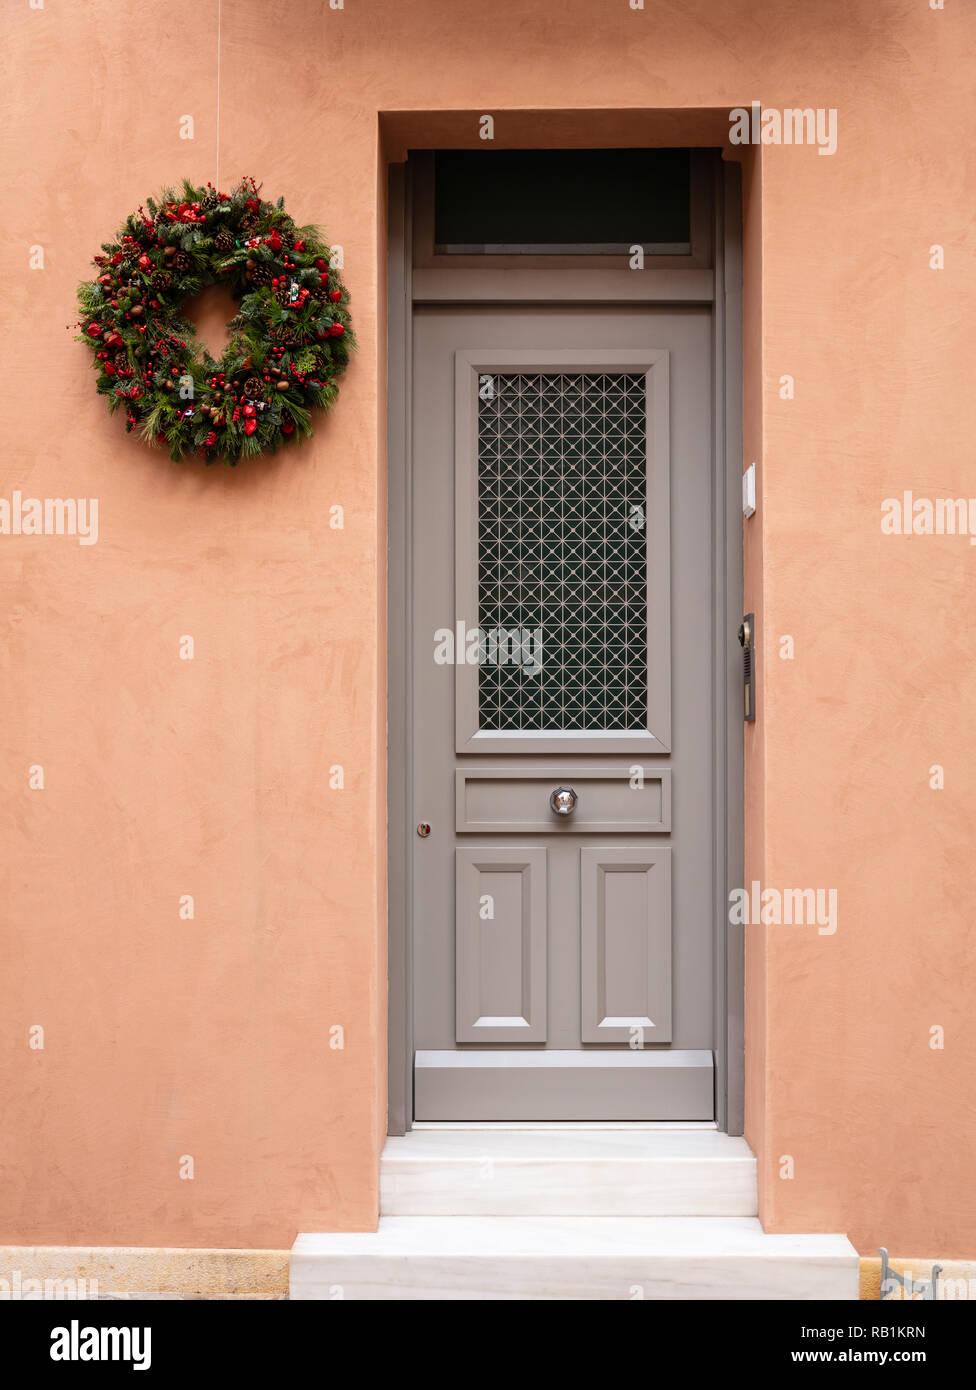 Couronne De Noël Décoration. Porte Du0027entrée En Bois, La Façade De  Lu0027immeuble Résidentiel Dans La Vieille Ville De Plaka, Athènes Grèce.